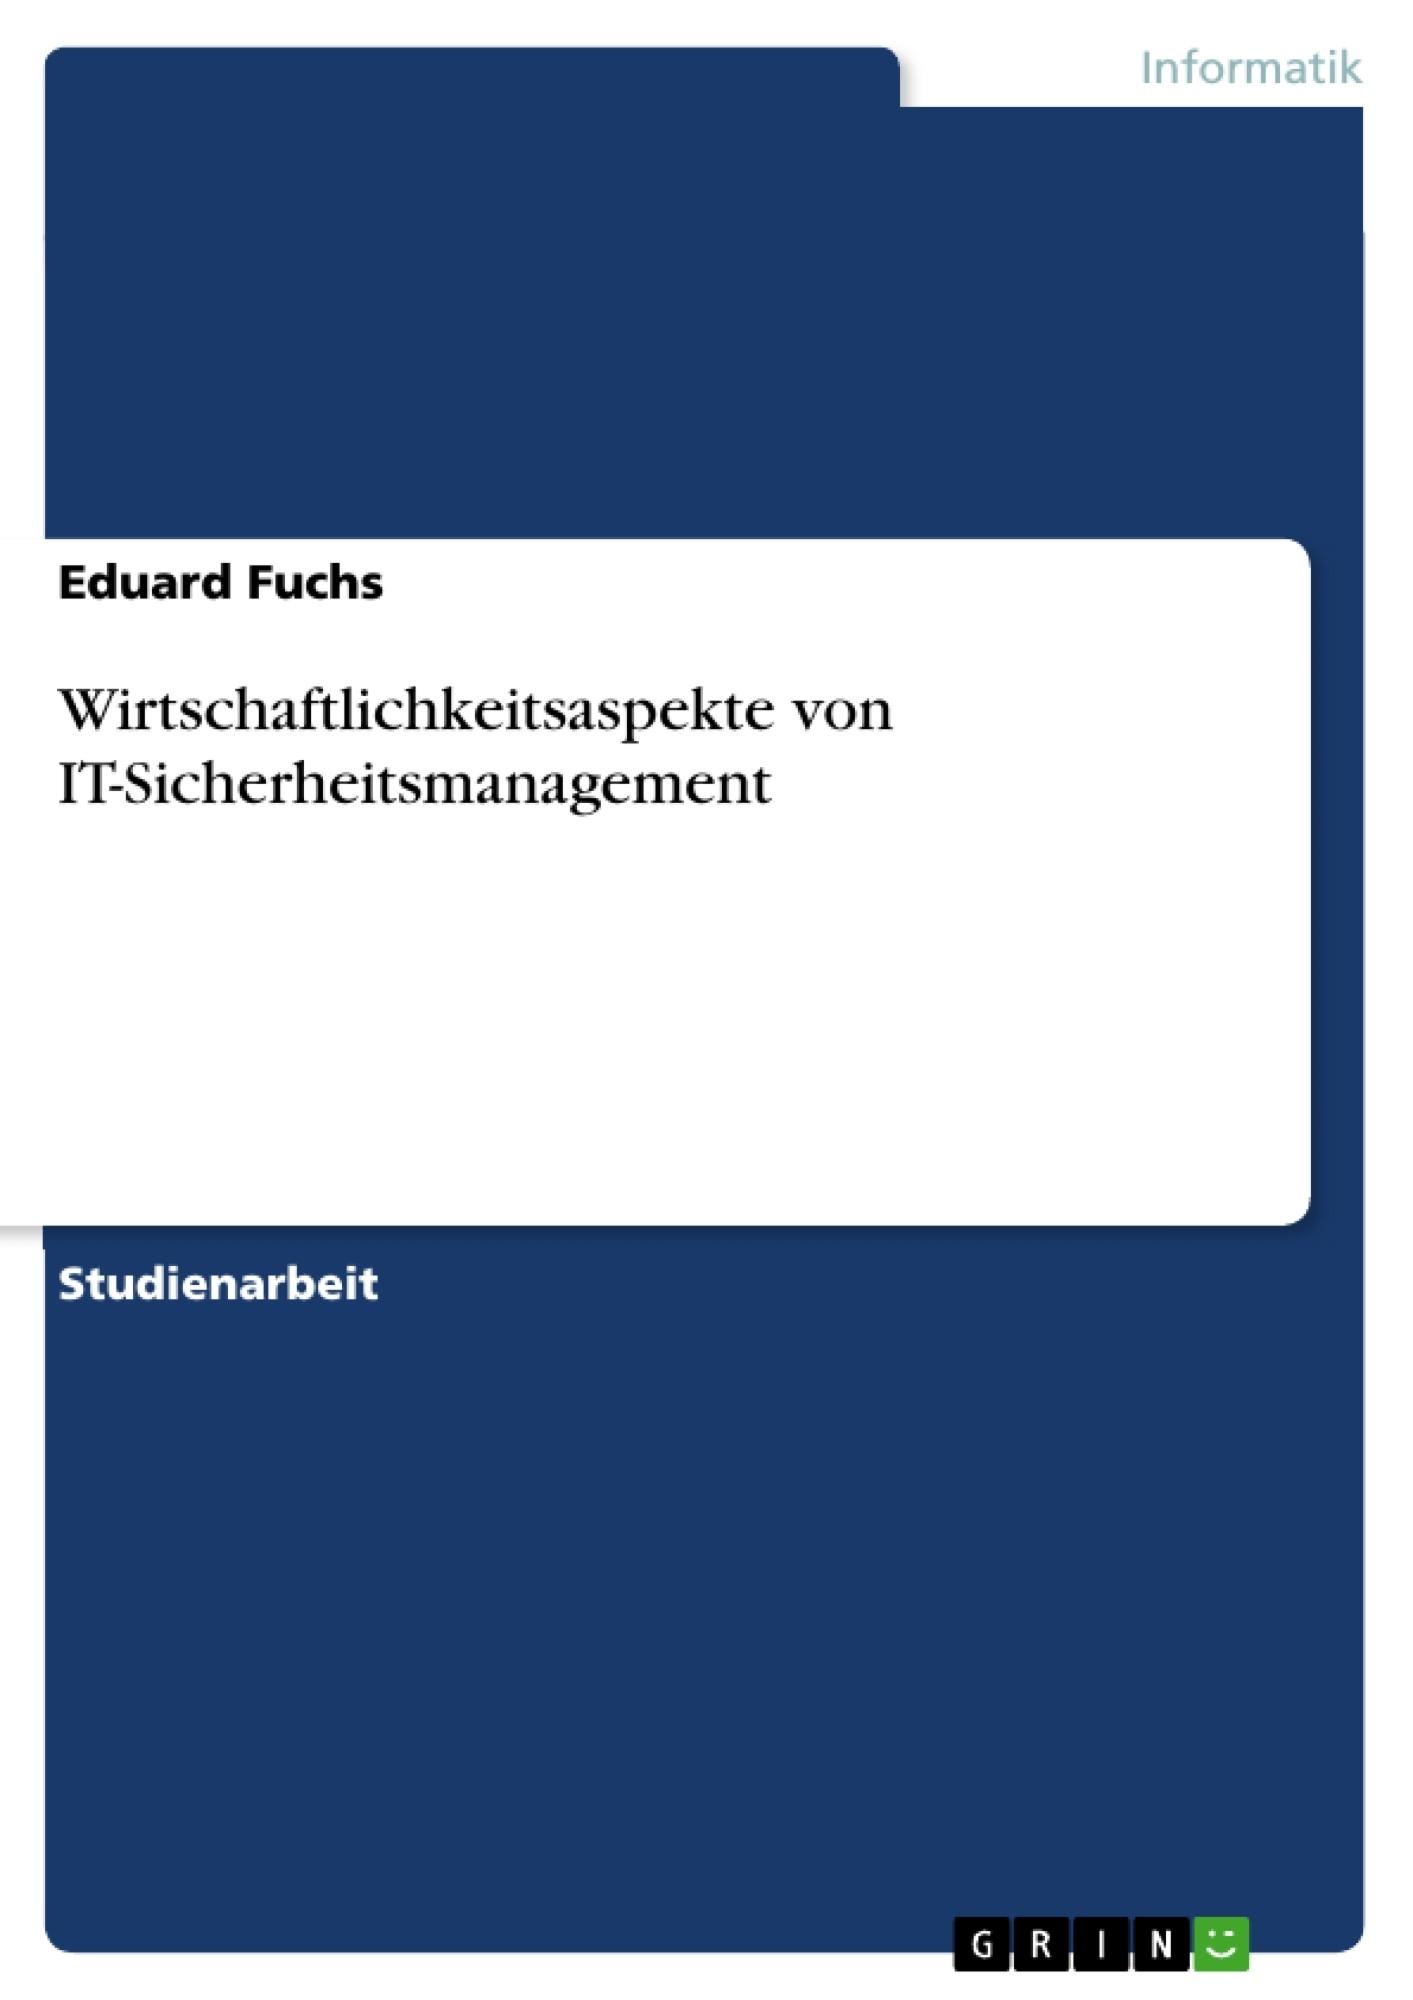 Titel: Wirtschaftlichkeitsaspekte von IT-Sicherheitsmanagement